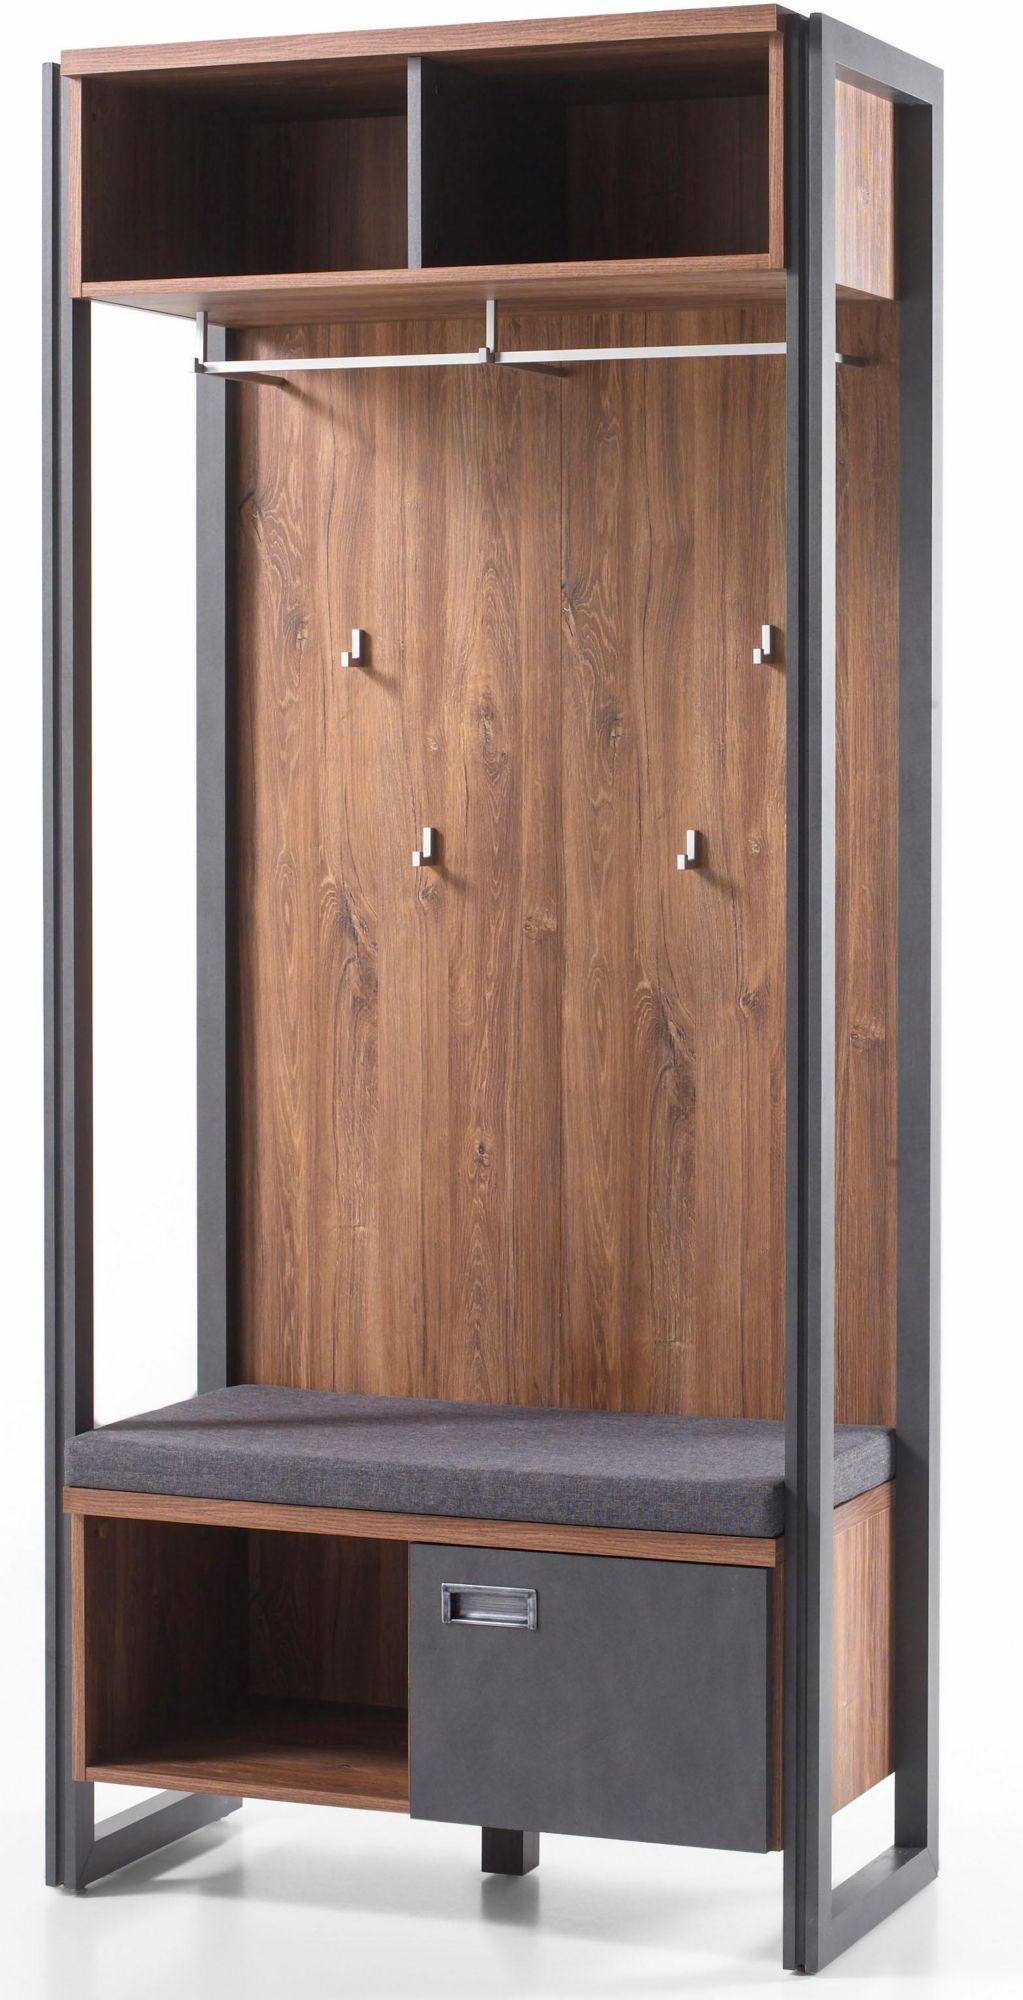 Garderobe g nstig online kaufen beim schwab versand for Garderobe 135 cm breit